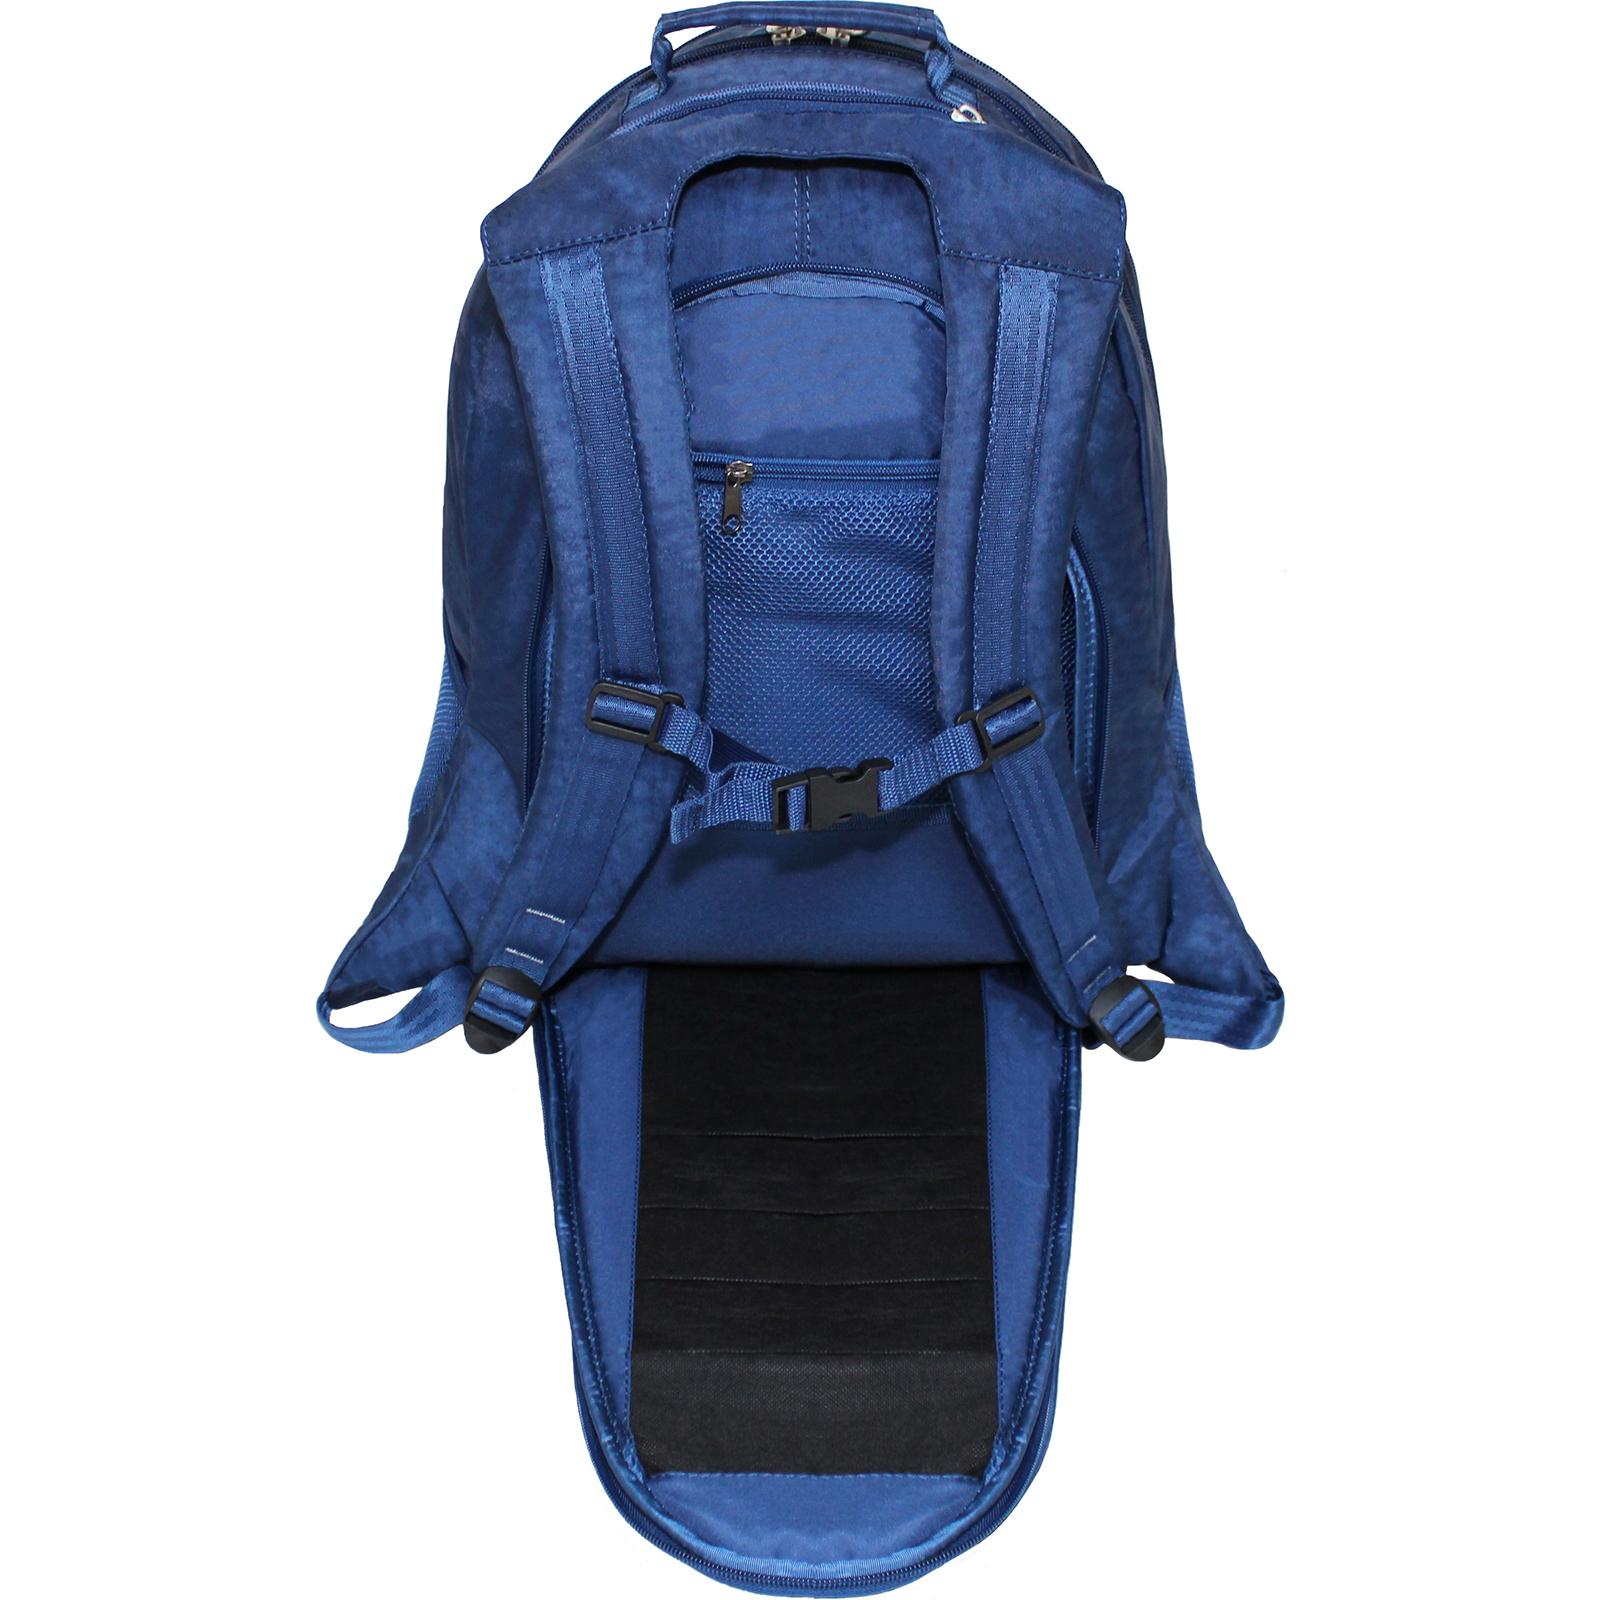 Рюкзак Bagland Сити max 34 л. Синий (0053970)